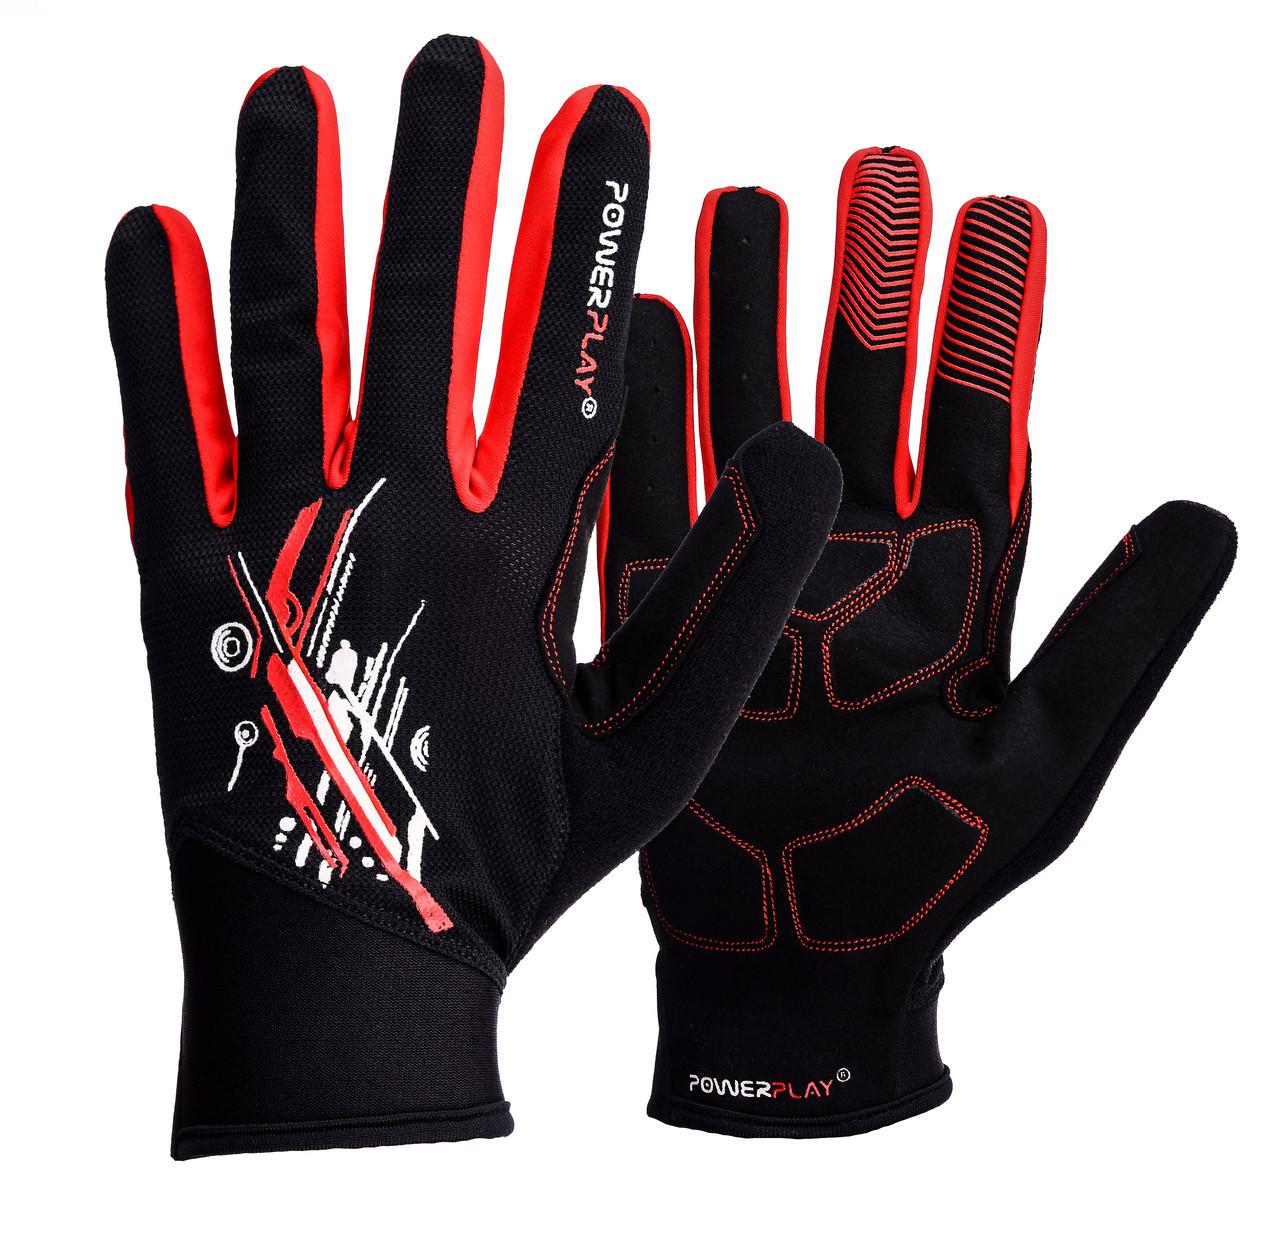 Рукавички для бігу PowerPlay 6607 Чорно-Червоні M